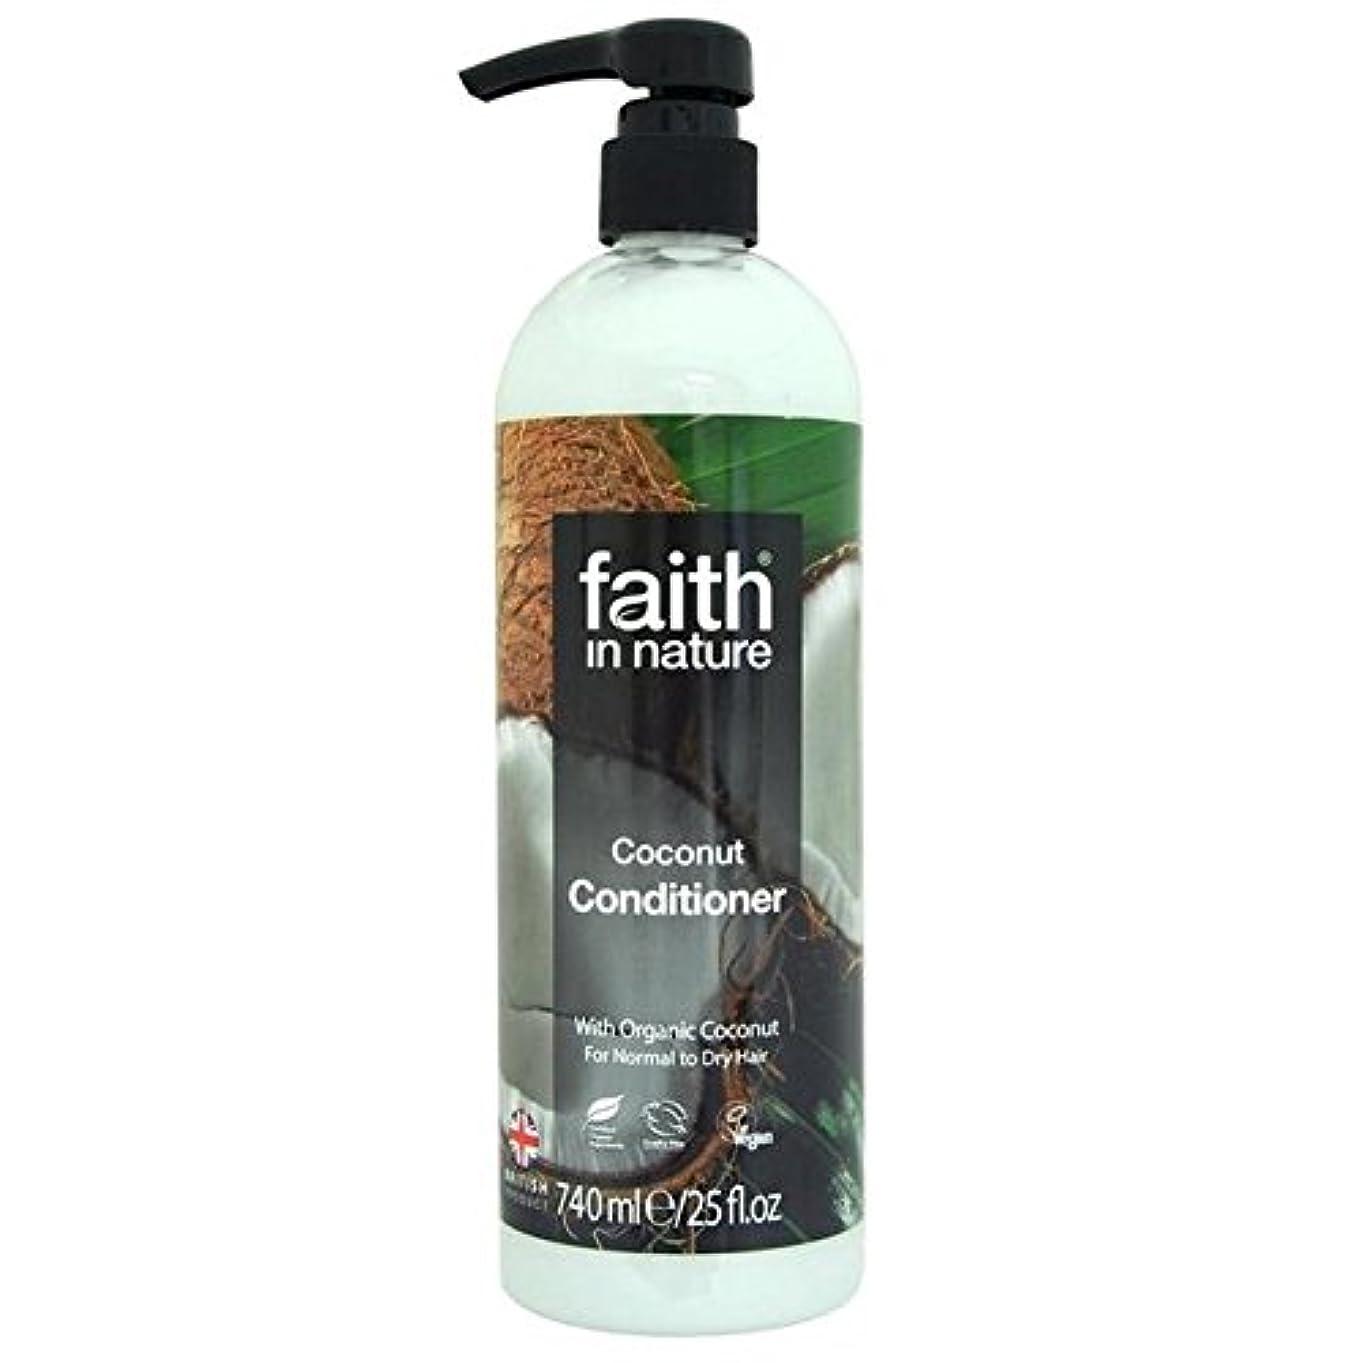 その間不誠実時刻表Faith in Nature Coconut Conditioner 740ml (Pack of 2) - (Faith In Nature) 自然ココナッツコンディショナー740ミリリットルの信仰 (x2) [並行輸入品]